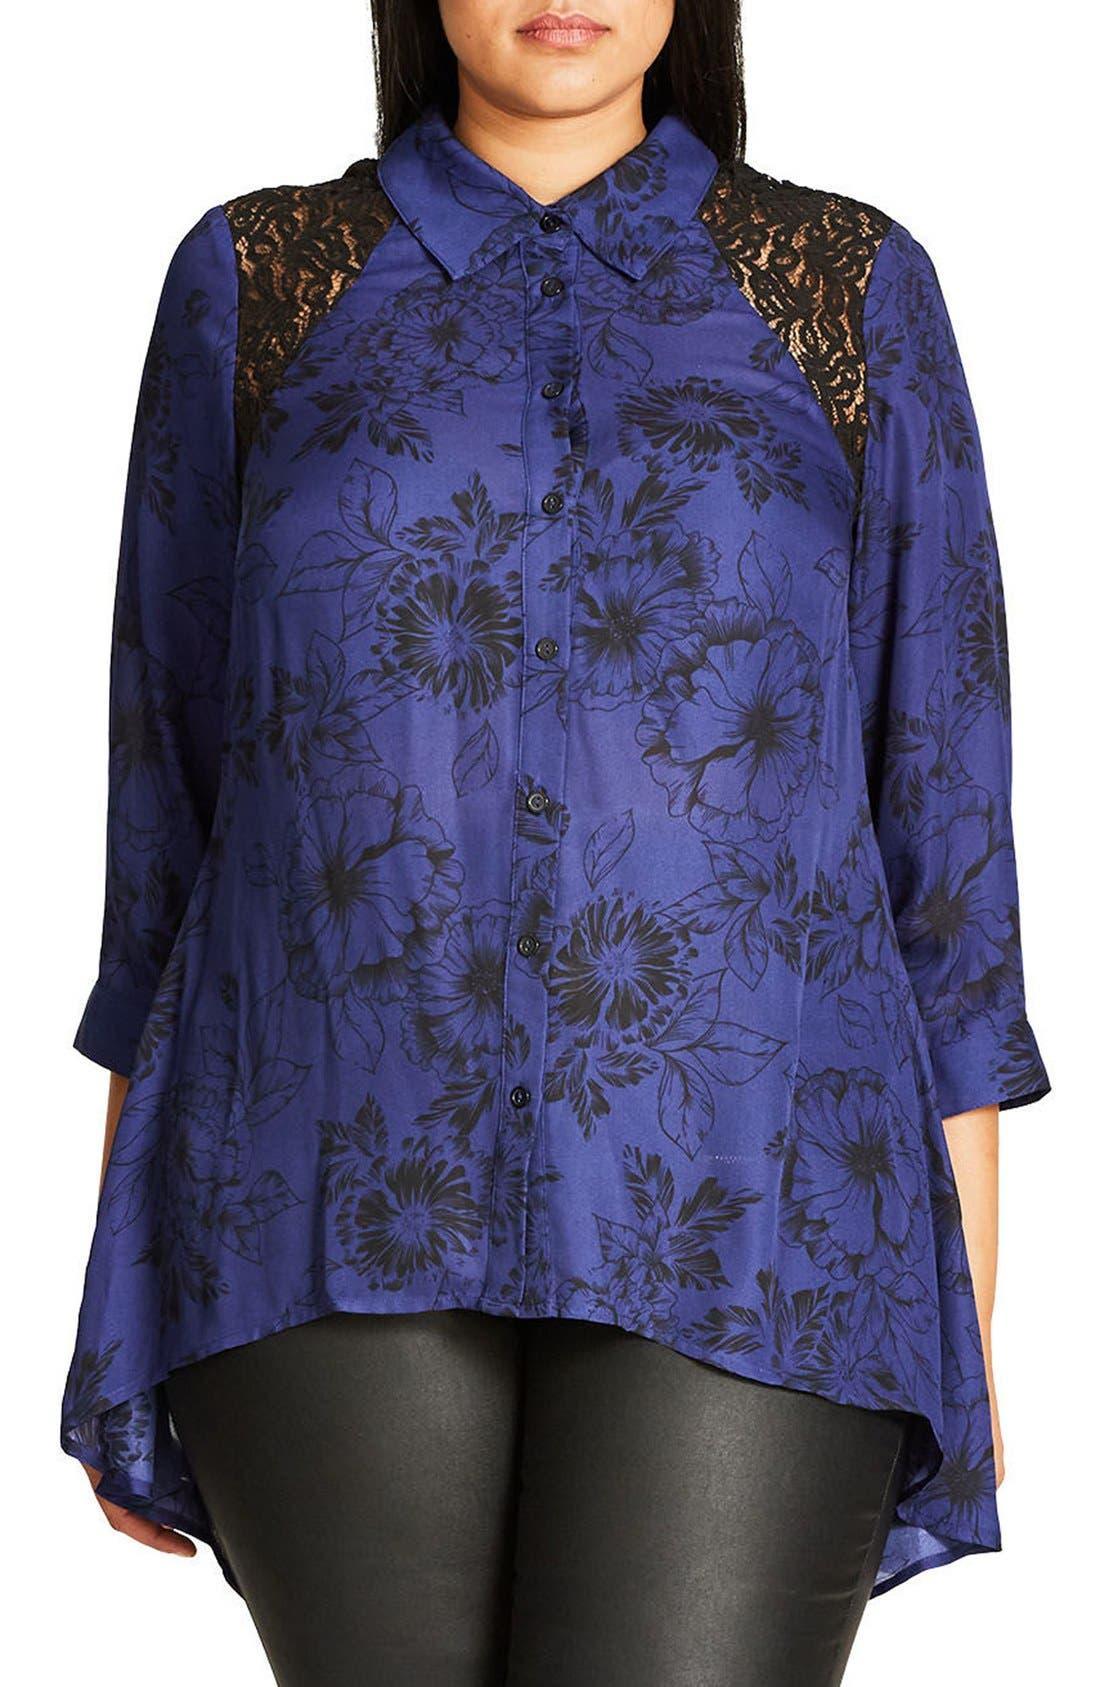 Alternate Image 1 Selected - City Chic Des Fleurs Back Keyhole Shirt (Plus Size)